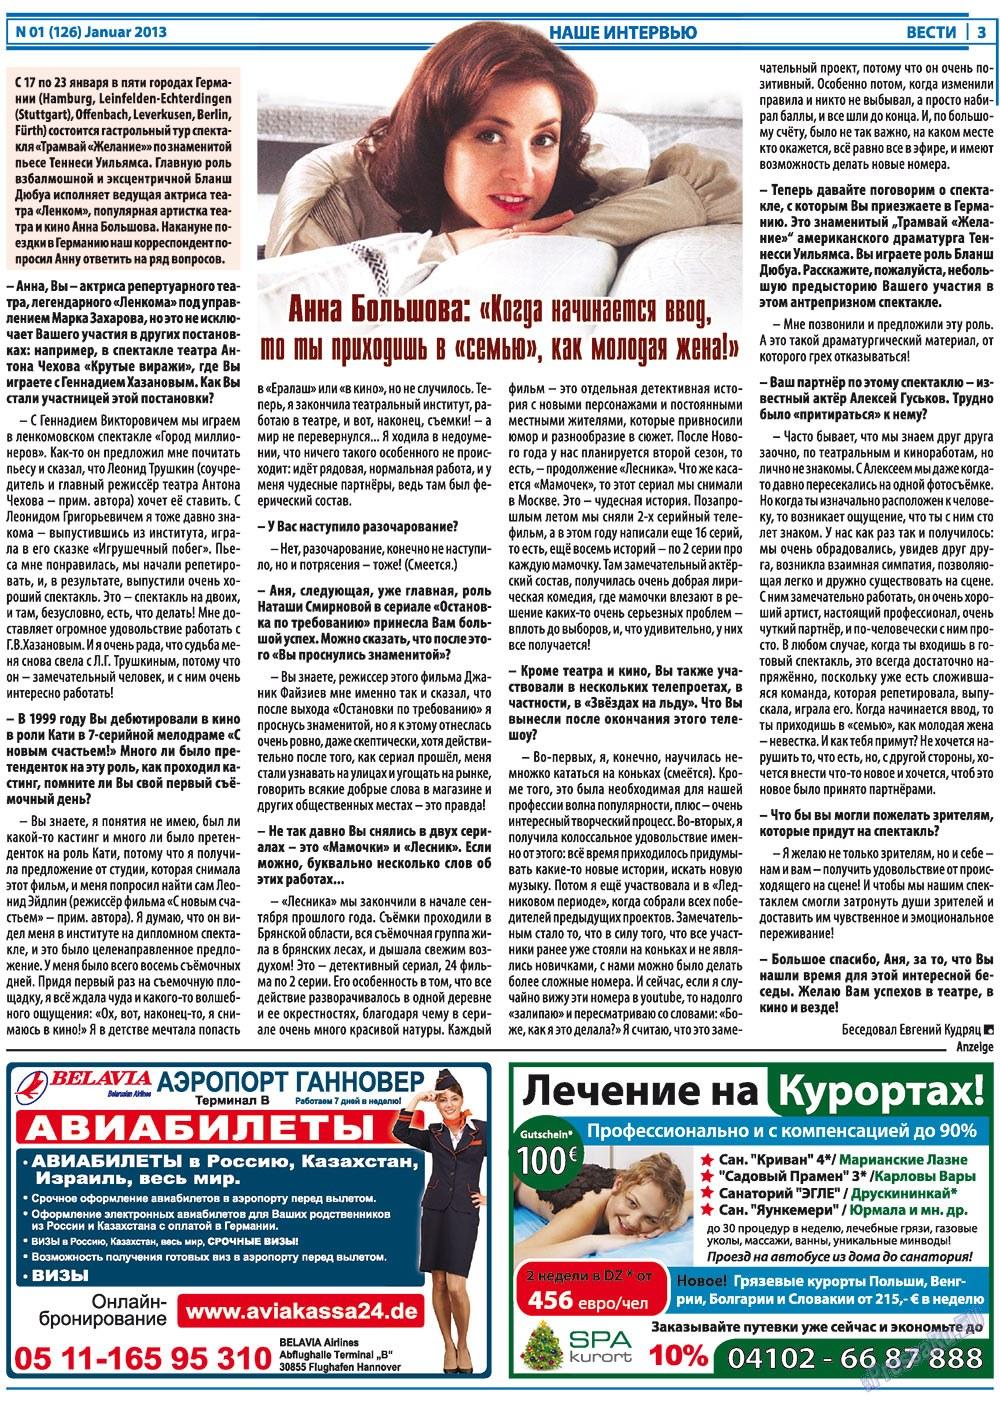 Вести (газета). 2013 год, номер 1, стр. 3